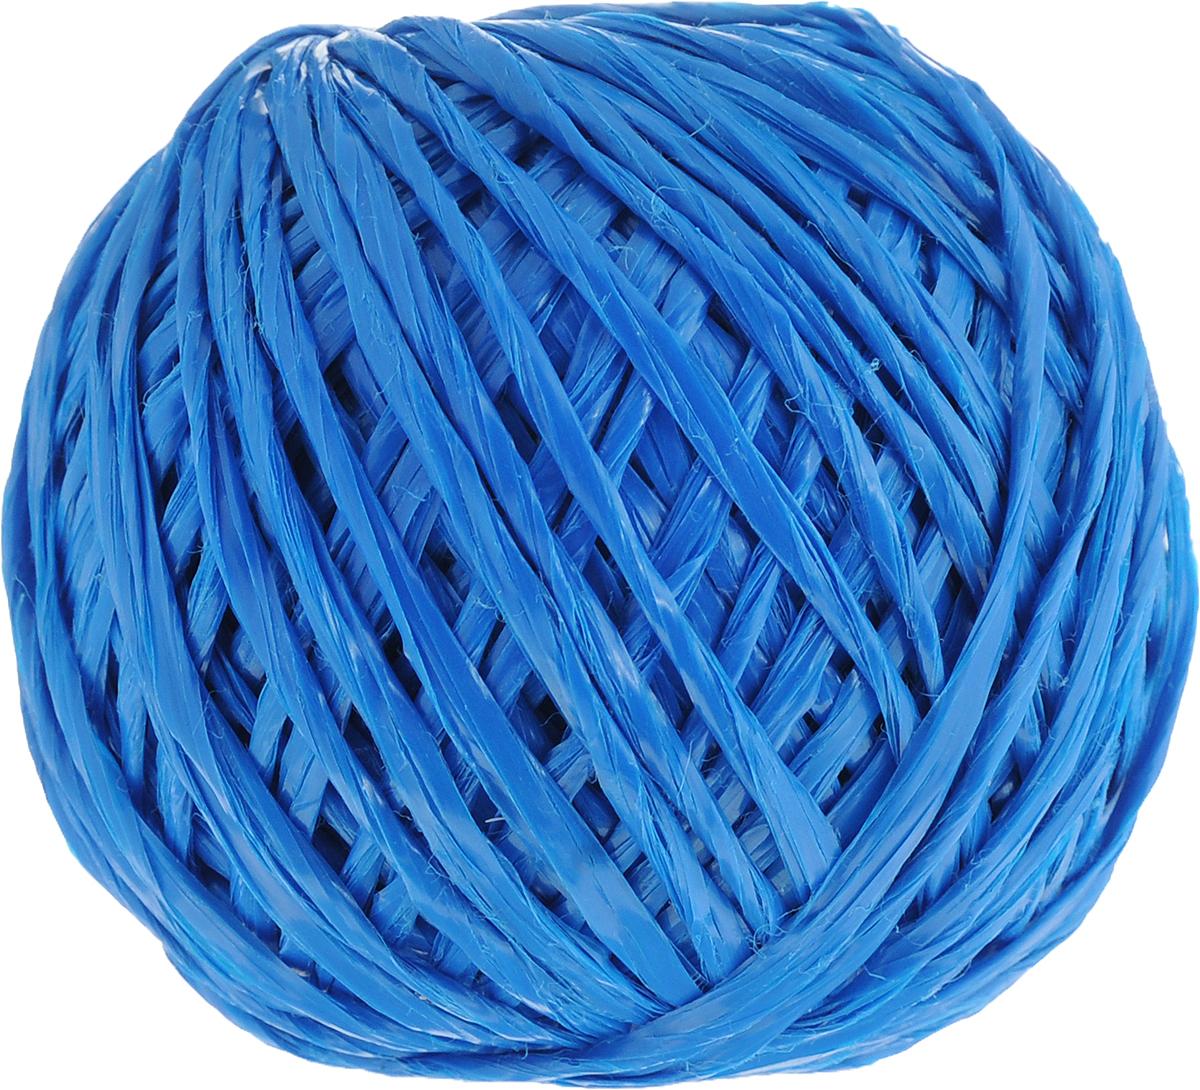 Шпагат Шнурком, цвет: синий, длина 60 мШпп_60_синийПолипропиленовый шпагат Шнурком плотностью 1000 текс входит в категорию веревочной продукции, сырьем для которой являются синтетические волокна, в частности полипропиленовая нить. Данный материал характеризуется высокой прочностью и стойкостью к износу. Кроме того, он эластичен, гибок, не боится многократных изгибов, плотно облегает изделие при обвязке и легко завязывается в крепкие узлы.Относительная удельная плотность полипропиленовых шпагатов варьируется от 0,70 до 0,91 кг/м3.Температура плавления от 150 до 170°C (в зависимости от вида и модели шпагата).Удлинение под предельной нагрузкой (18-20%). Длина шпагата: 60 м.Толщина нити: 2 мм.Линейная плотность шпагата: 1000 текс.